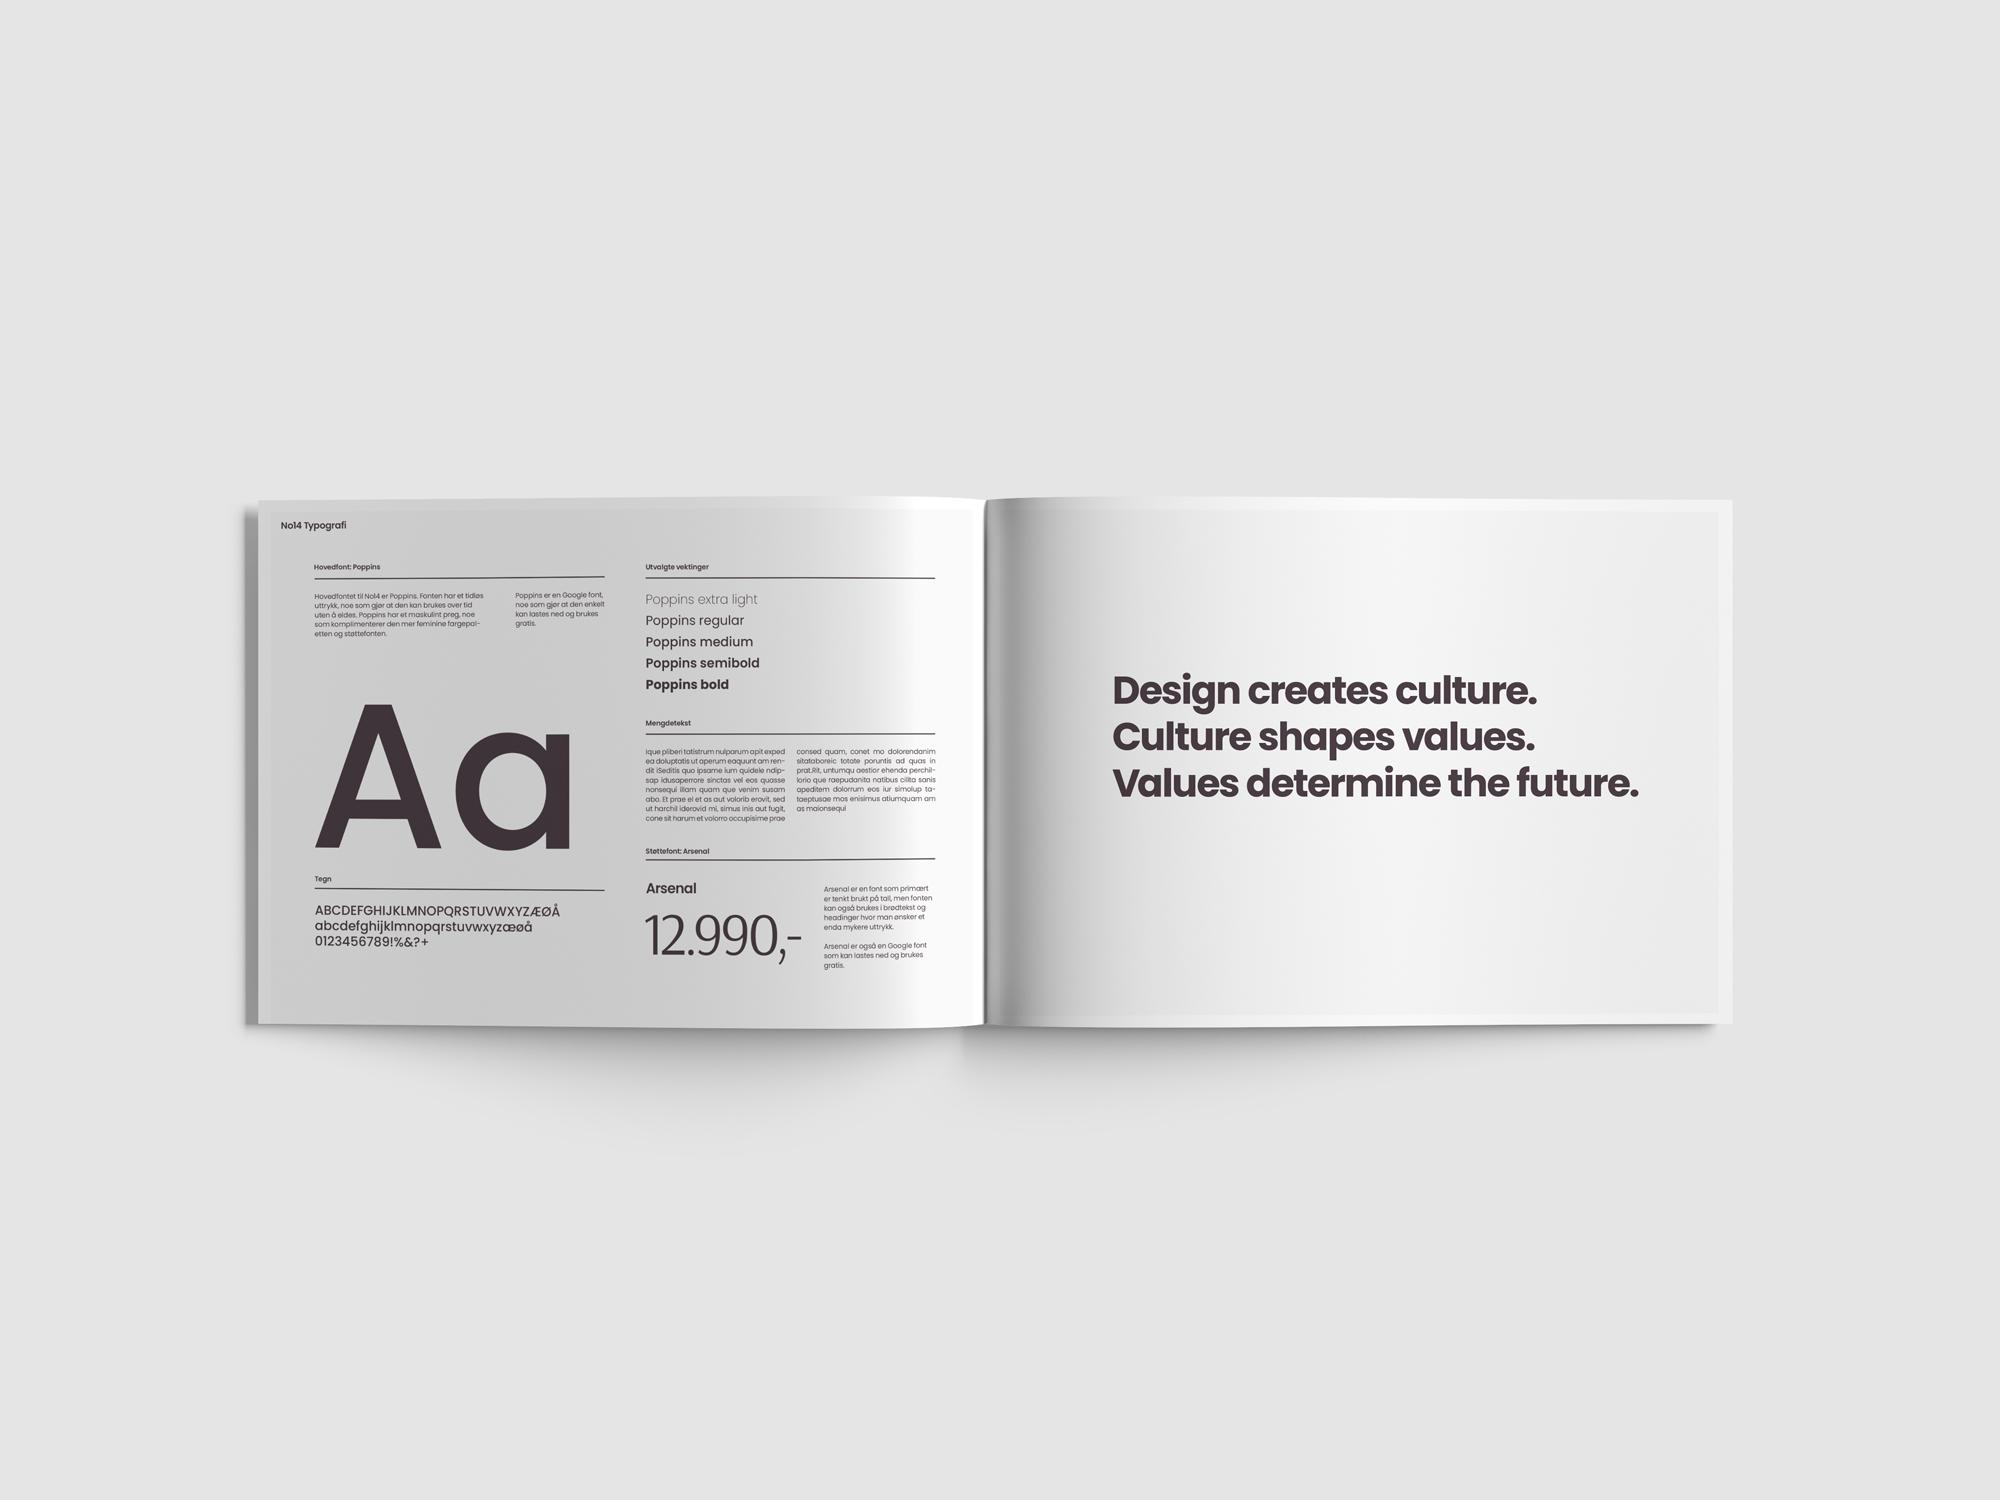 3_Design_Oppslag.jpg